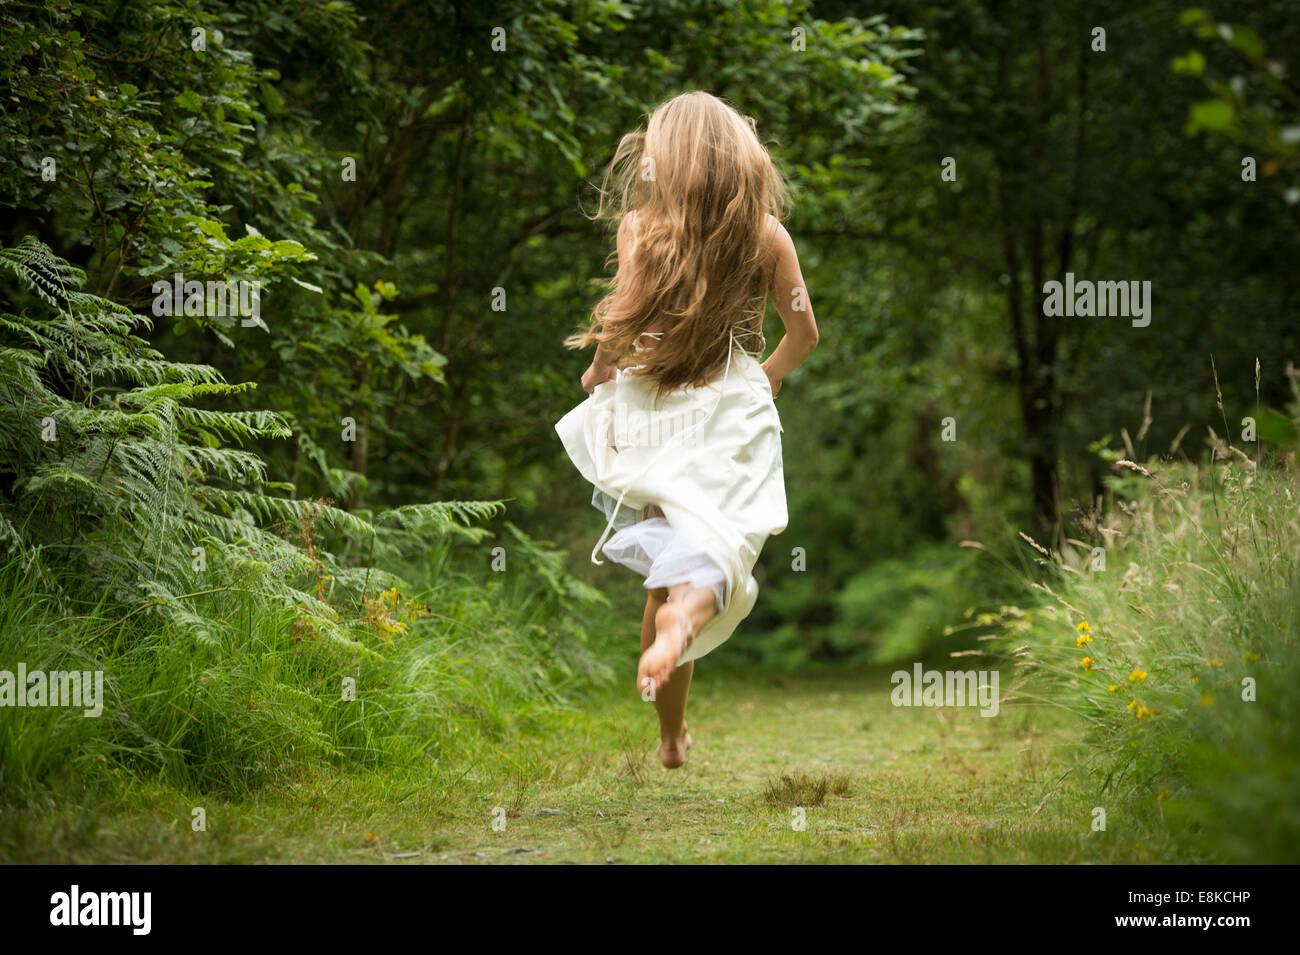 Runaway bride, vue arrière d'un blanc sain jeune femme fille mince avec de longs cheveux blonds s'enfuir pour un chemin woodland forest wearing white robe robe de mariage dans la campagne UK Banque D'Images